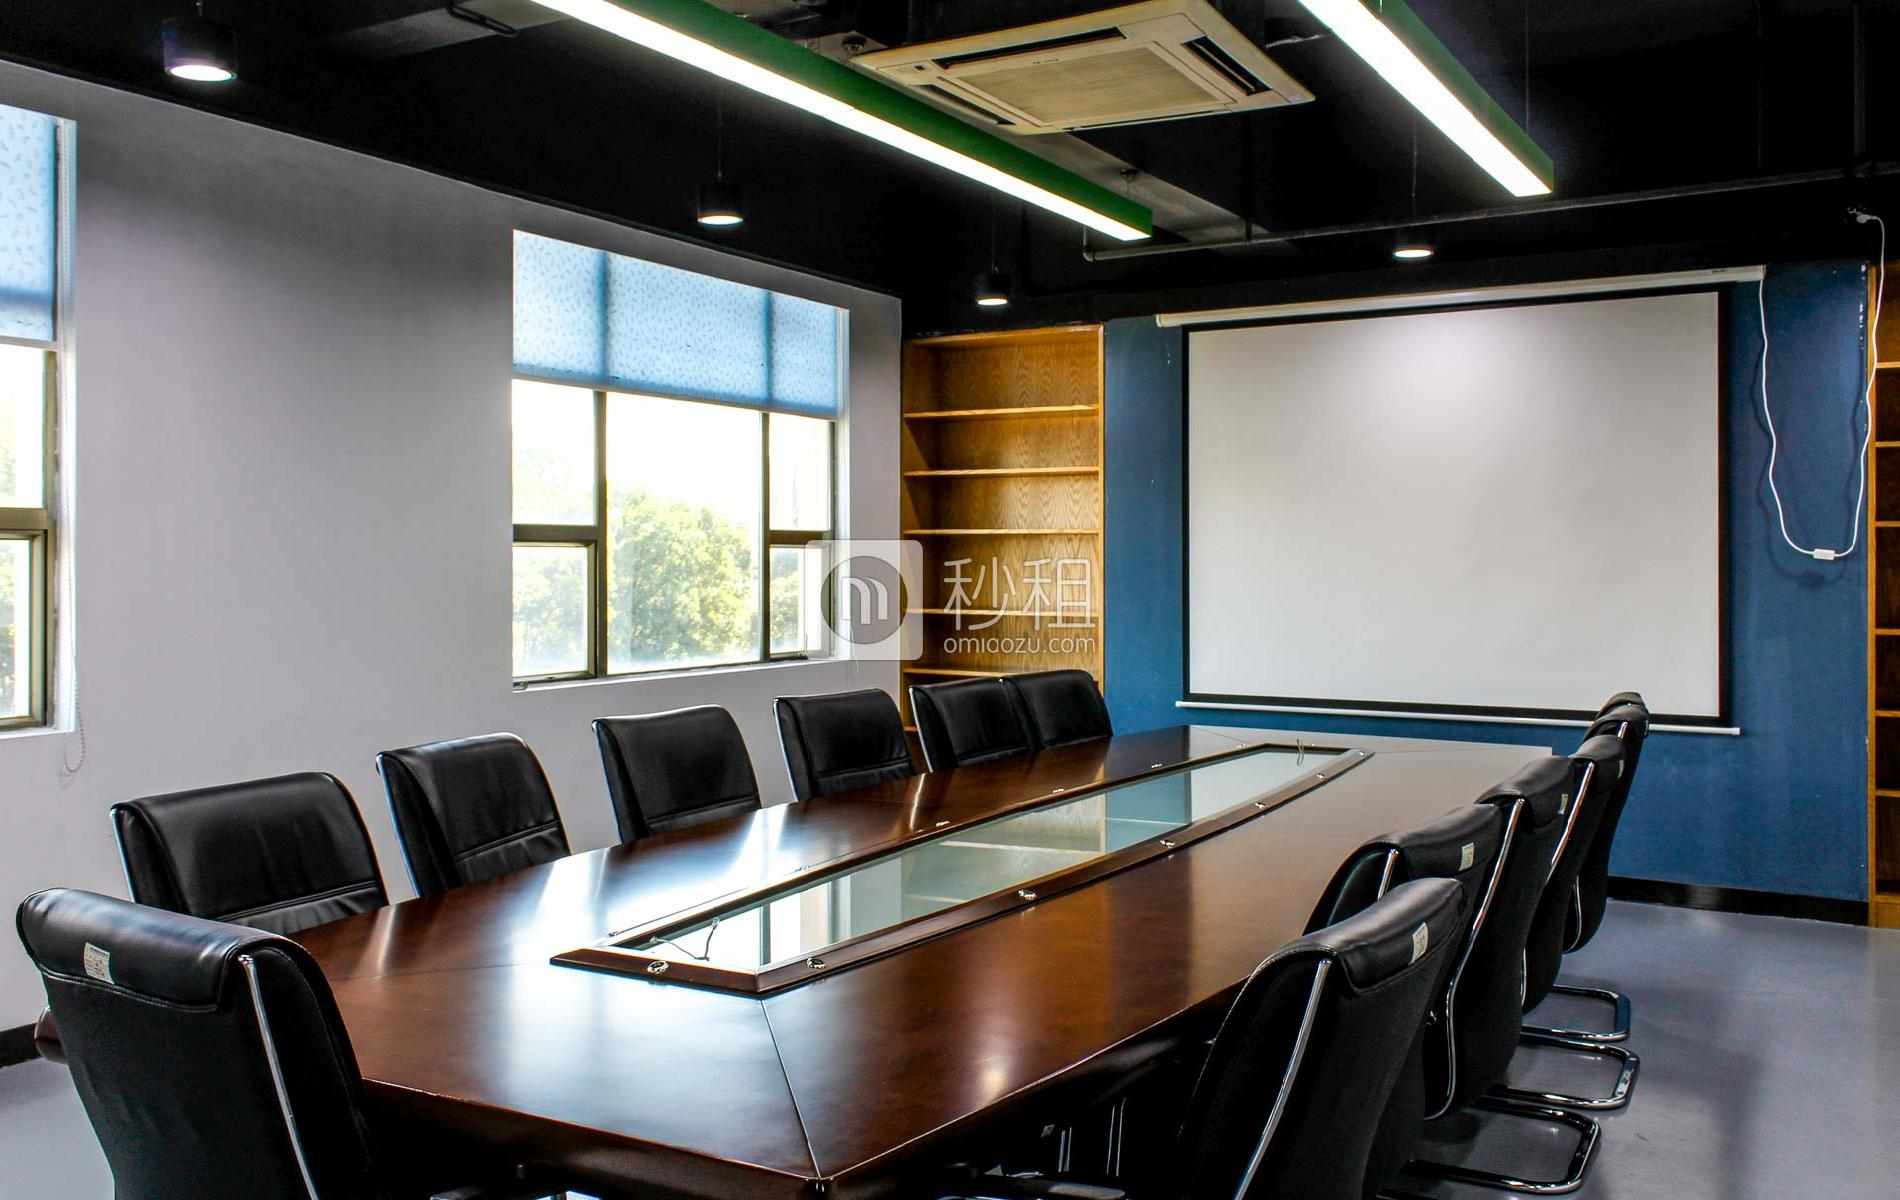 创新硅谷-德盛昌大厦写字楼出租/招租/租赁,创新硅谷-德盛昌大厦办公室出租/招租/租赁